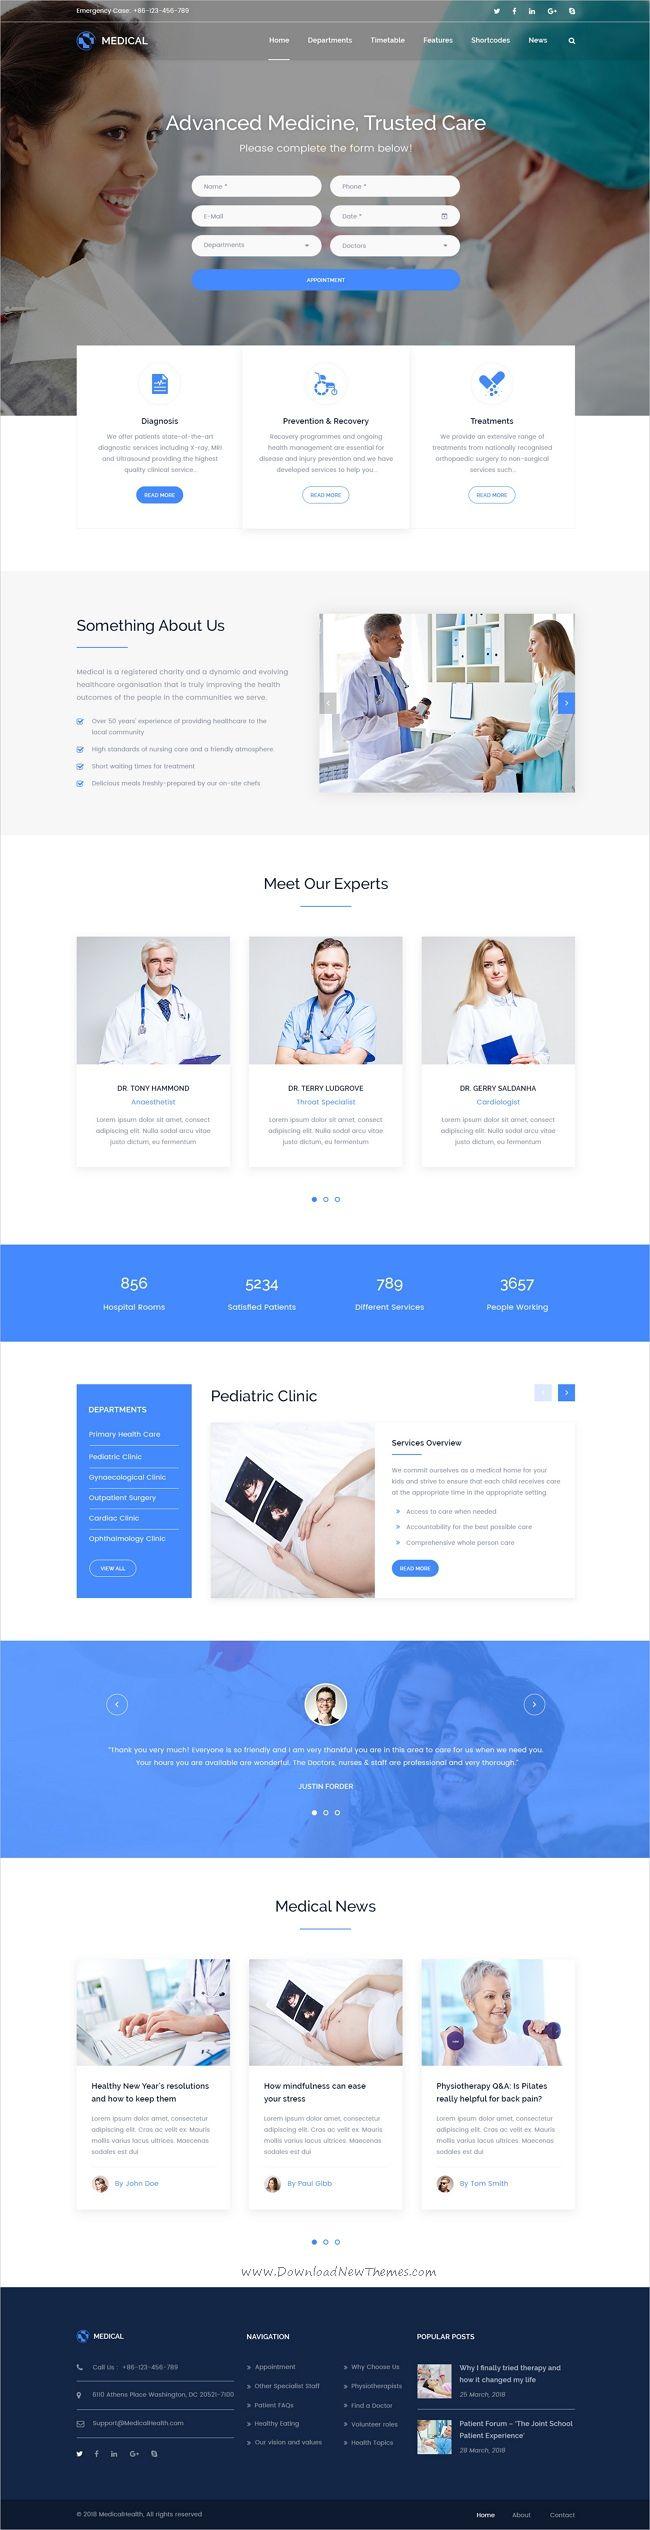 Medical Health Psd Template Medical Website Design Medical Websites Web Layout Design